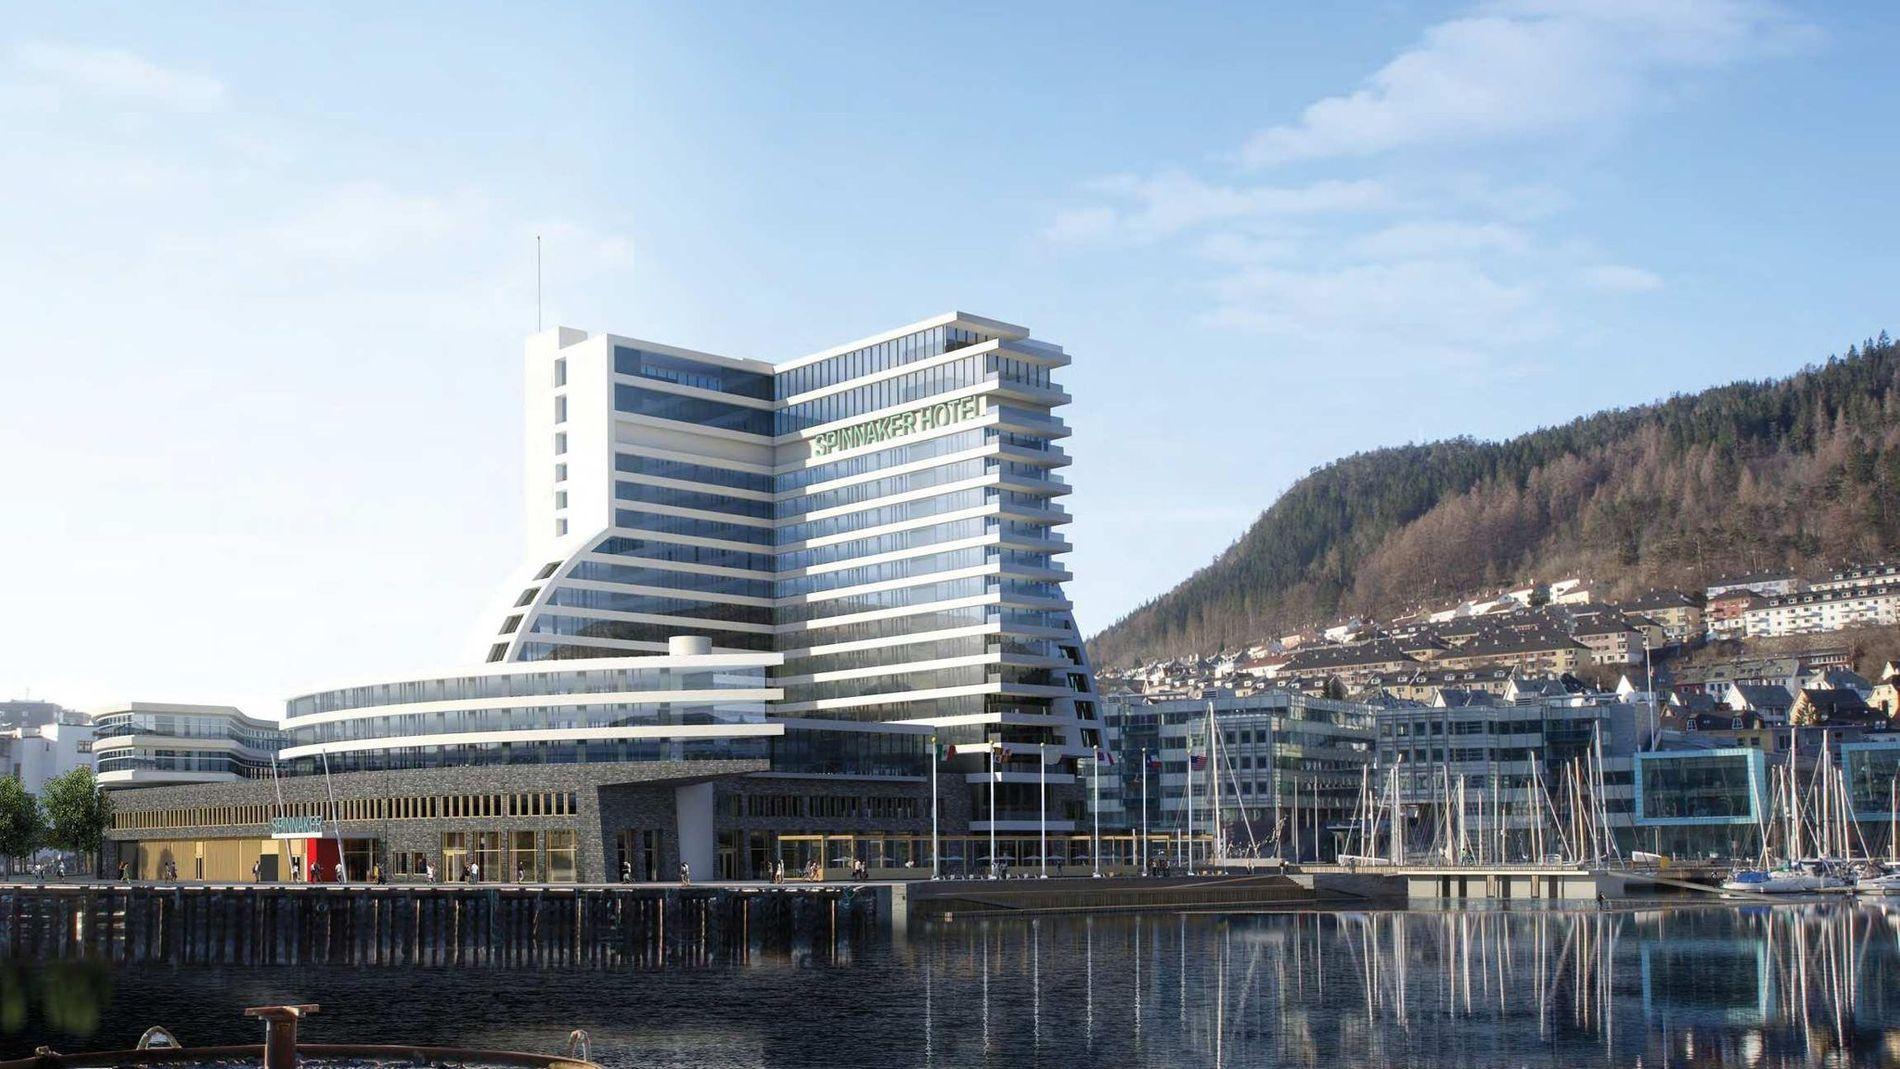 FØR: I juni 2016 presenterte selskapet planer for det gigantiske hotellet «Spinnaker» på 17 etasjer, høyere enn rådhuset. Det elleville bygget forårsaket et ras av kritikk og sarkasmer, inkludert fra undertegnede, skriver Frode Bjerkestrand. ILLUSTRASJON: Arkitekt Paal J. Kahrs